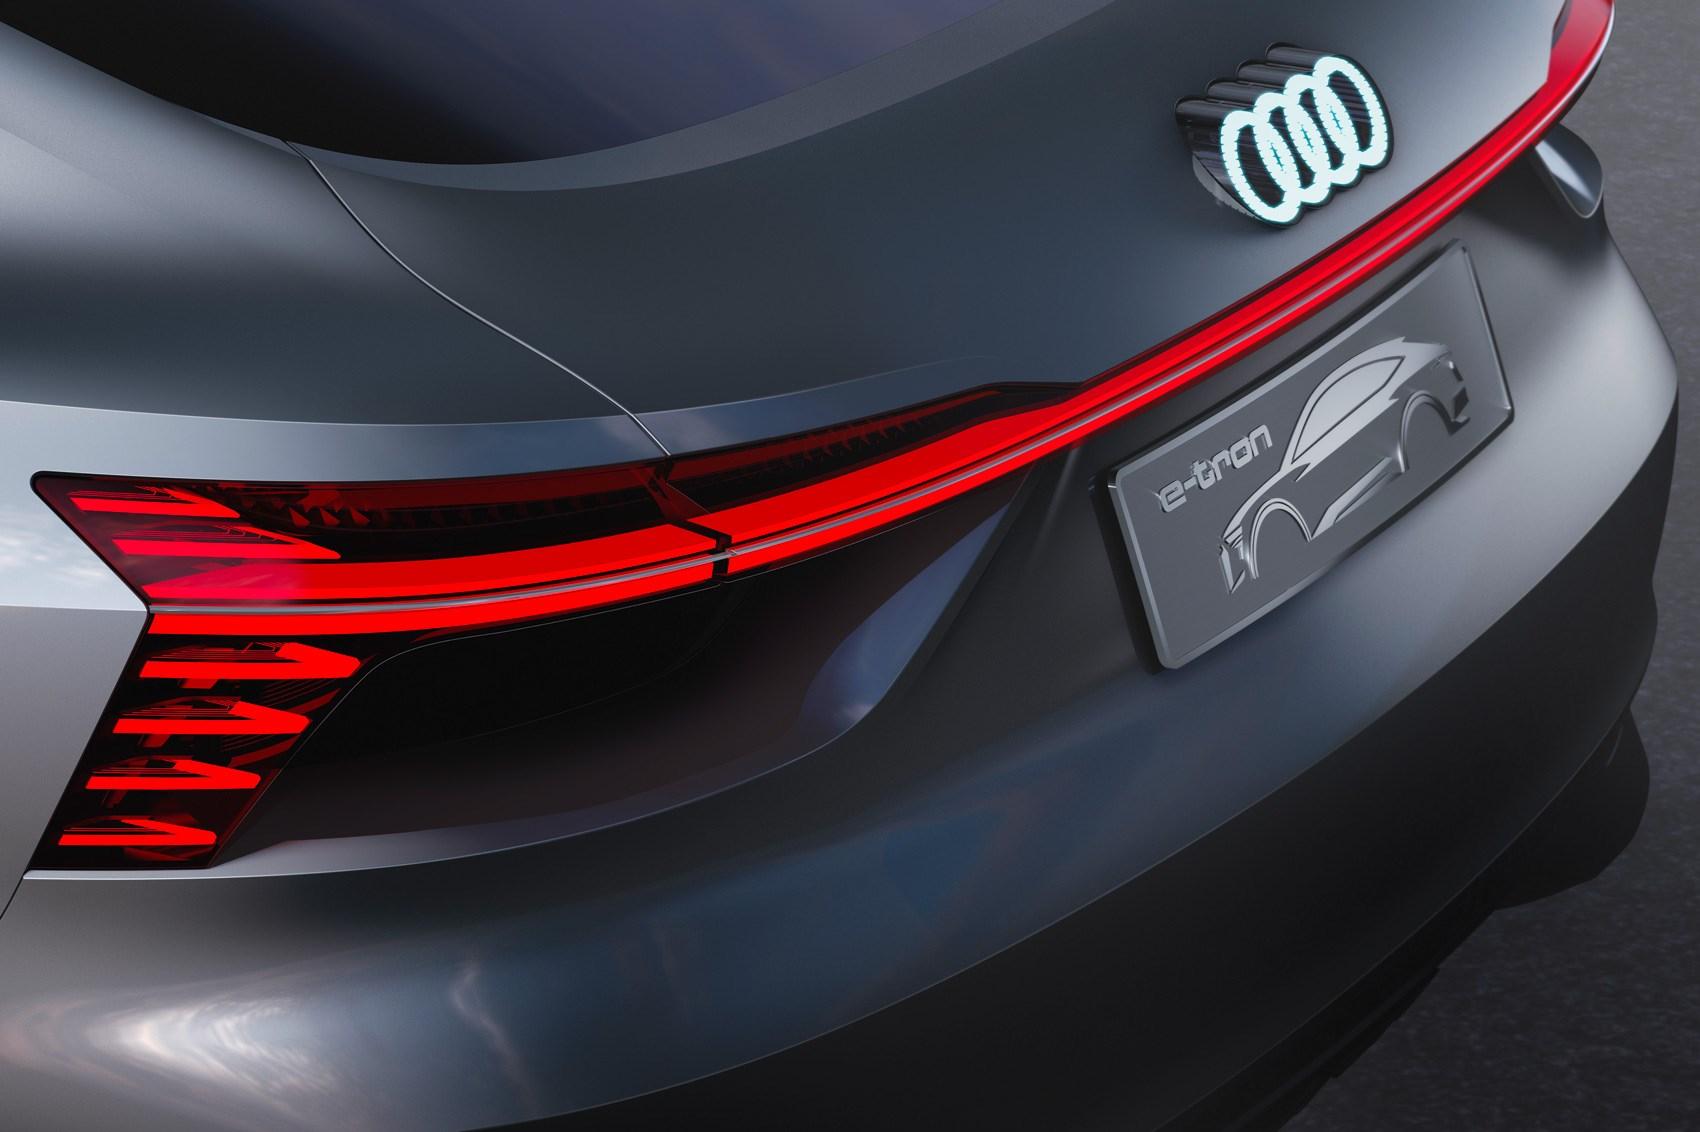 Age of e-tron: Audi e-tron Sportback concept surges EV plans forward